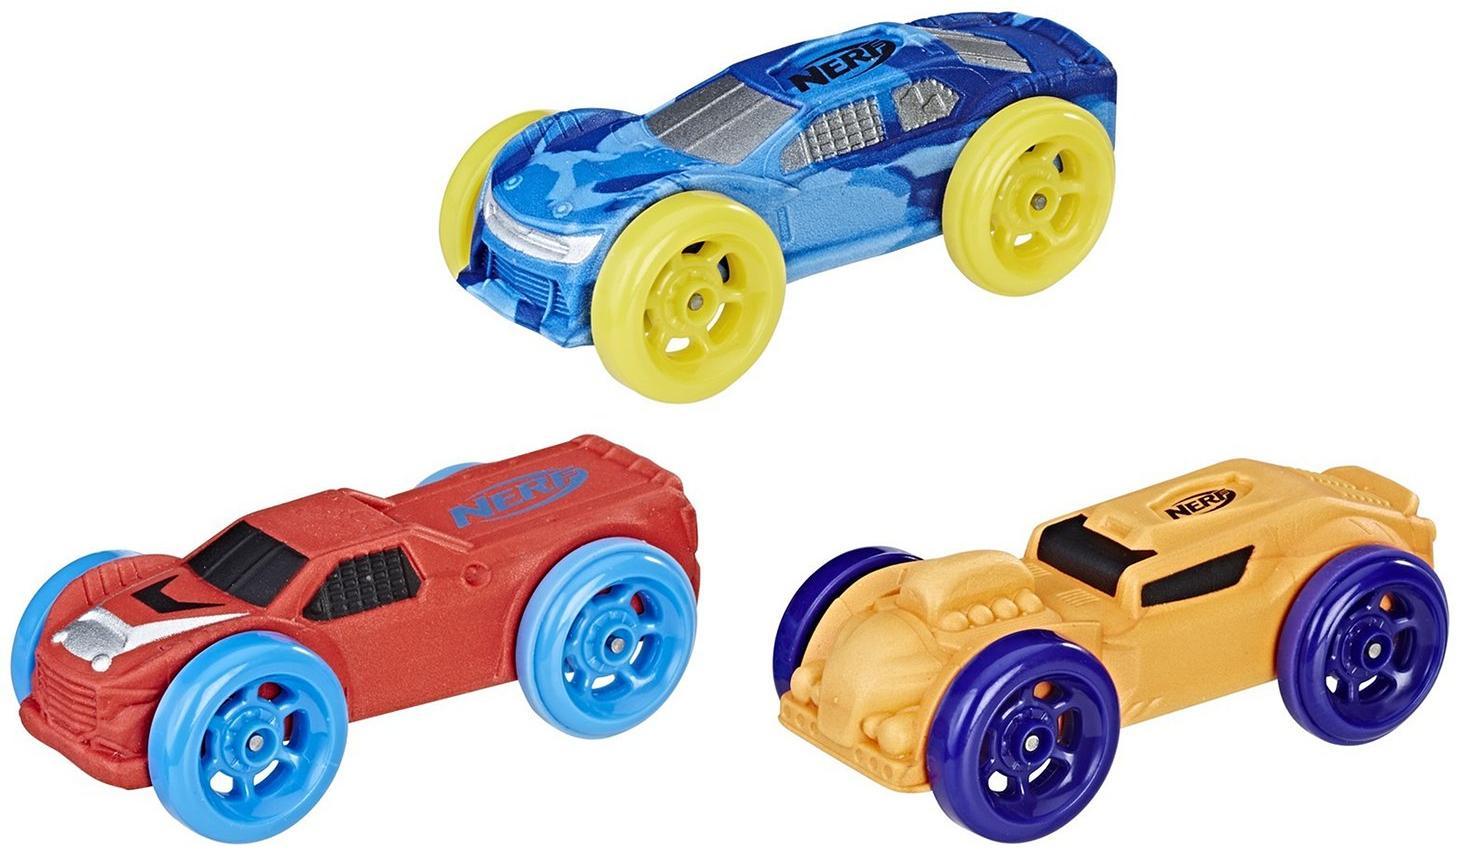 Купить Hasbro Nerf Nitro Машинки 3 шт - красная, оранжевая, голубой комуфляж , Китай